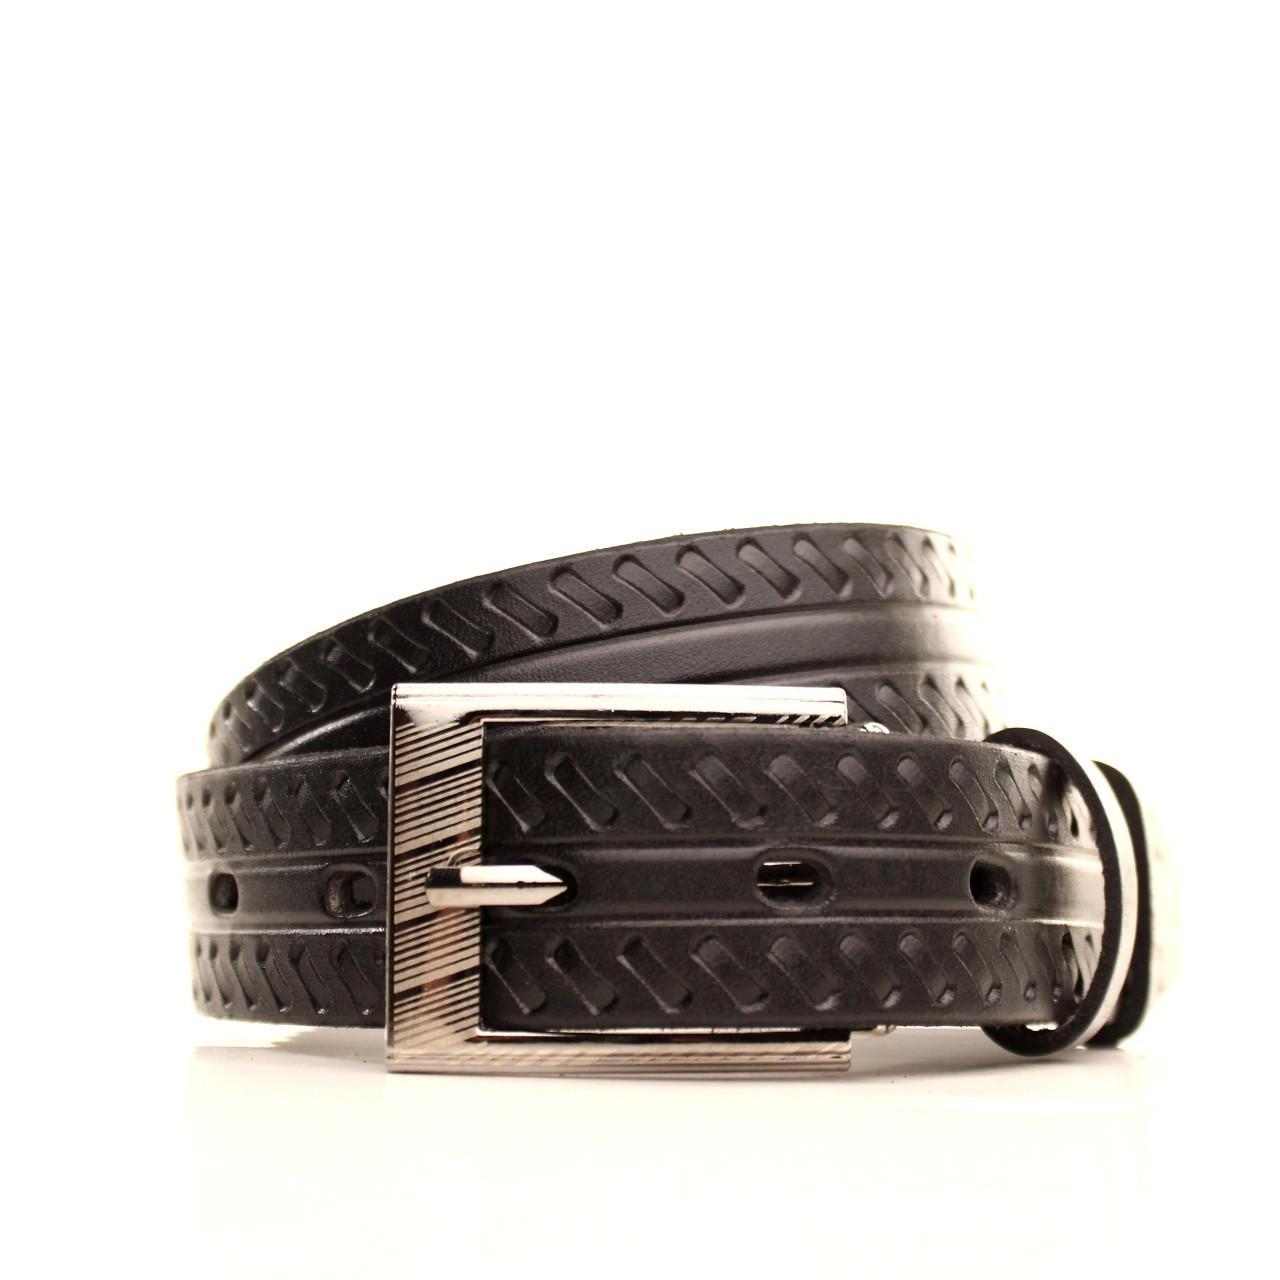 Ремень кожаный Lazar 60-70 см черный l30u3w21